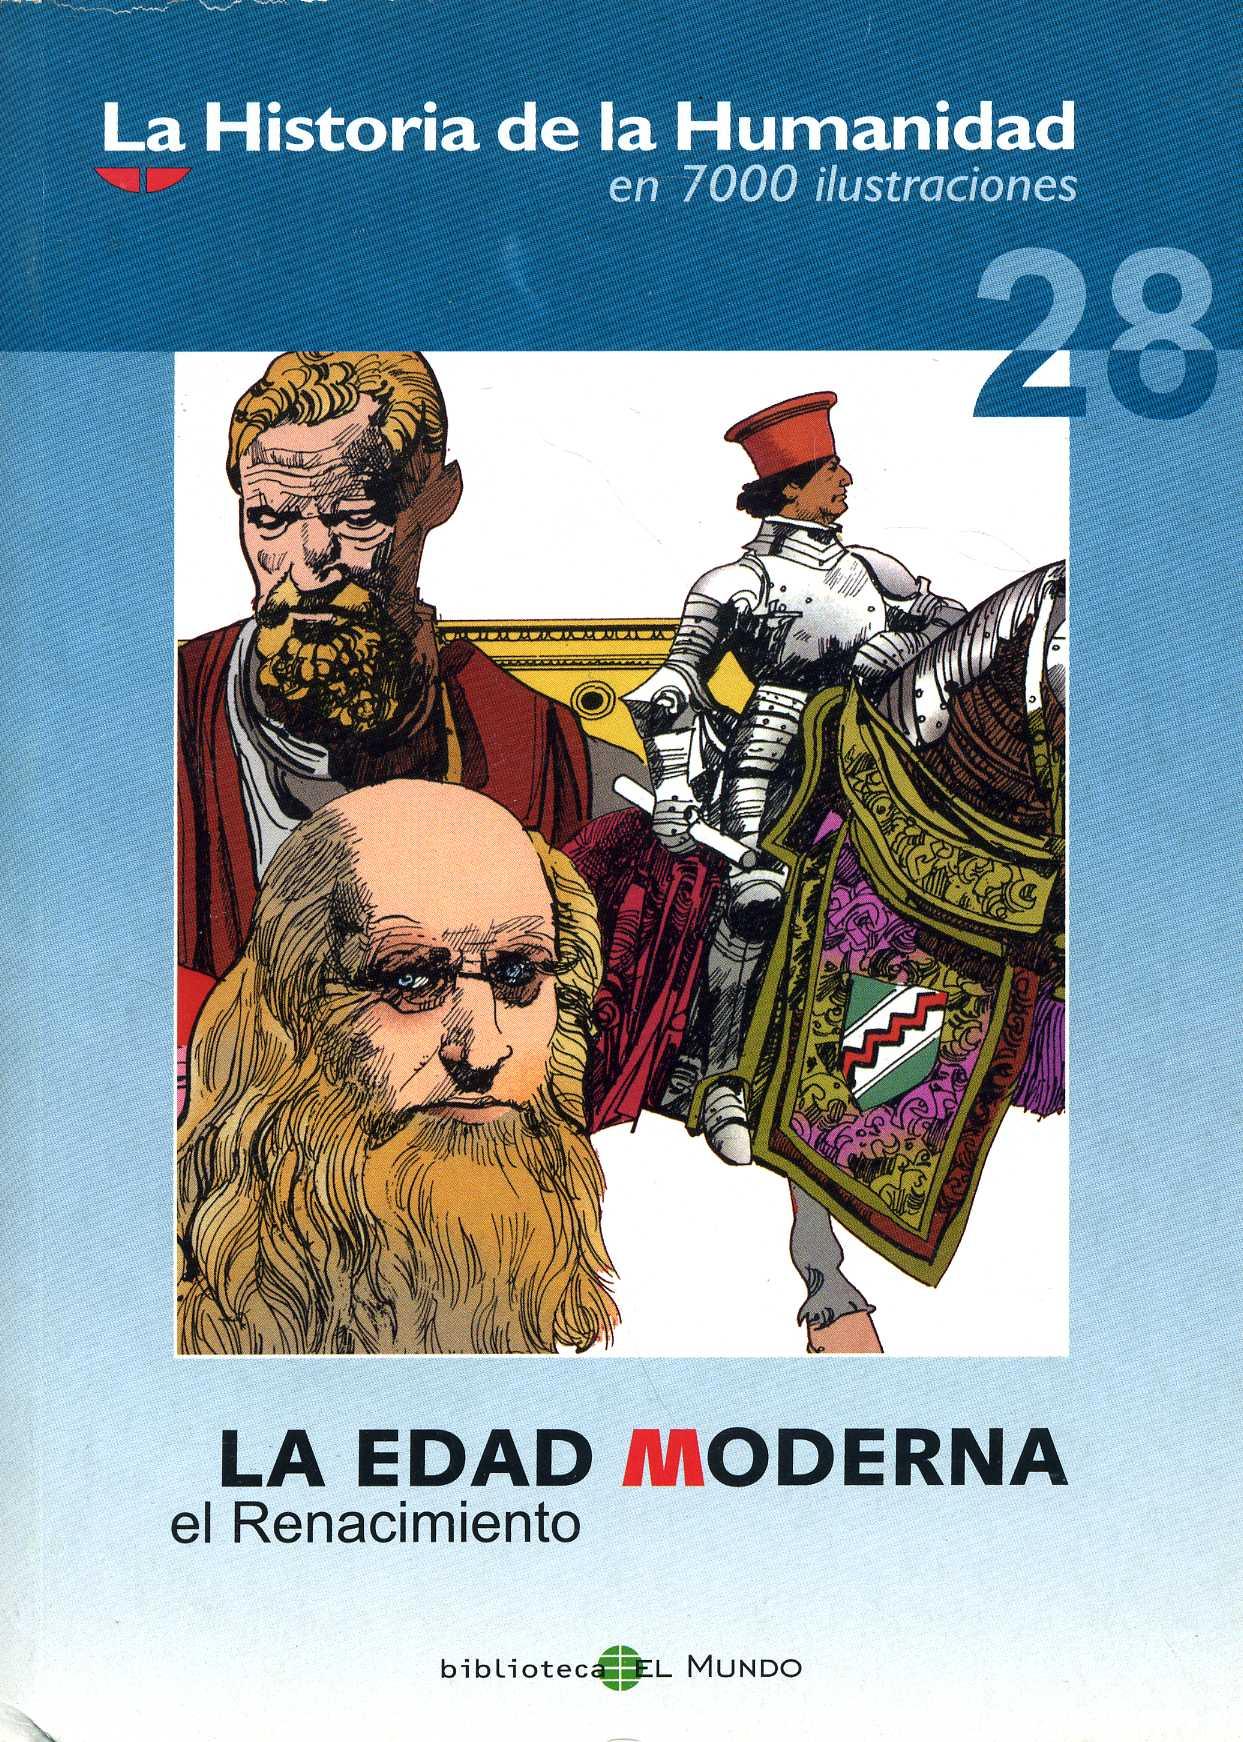 LA HISTORIA DE LA HUMANIDAD EN 7000 ILUSTRACIONES. Portada del número 28: La Edad Moderna-El Renacimiento.